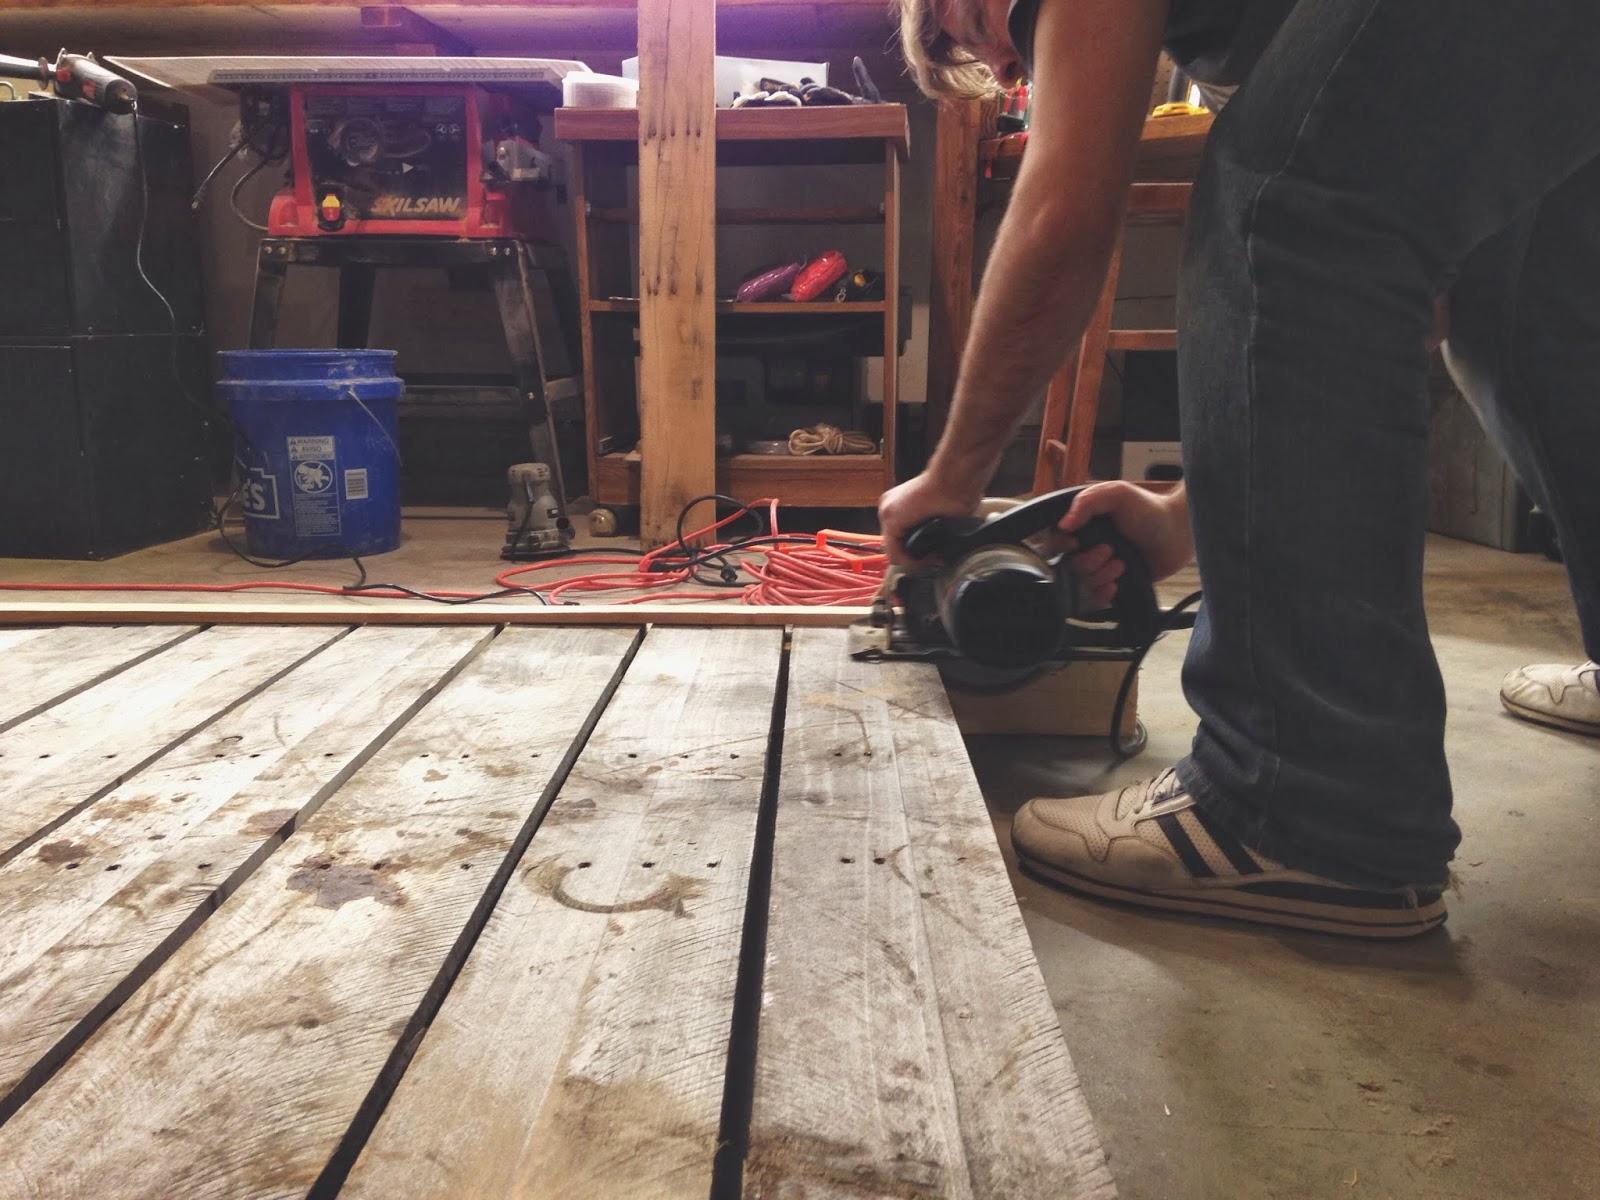 DIY West Elm Pallet Wood Nightstand - Like The Yogurt